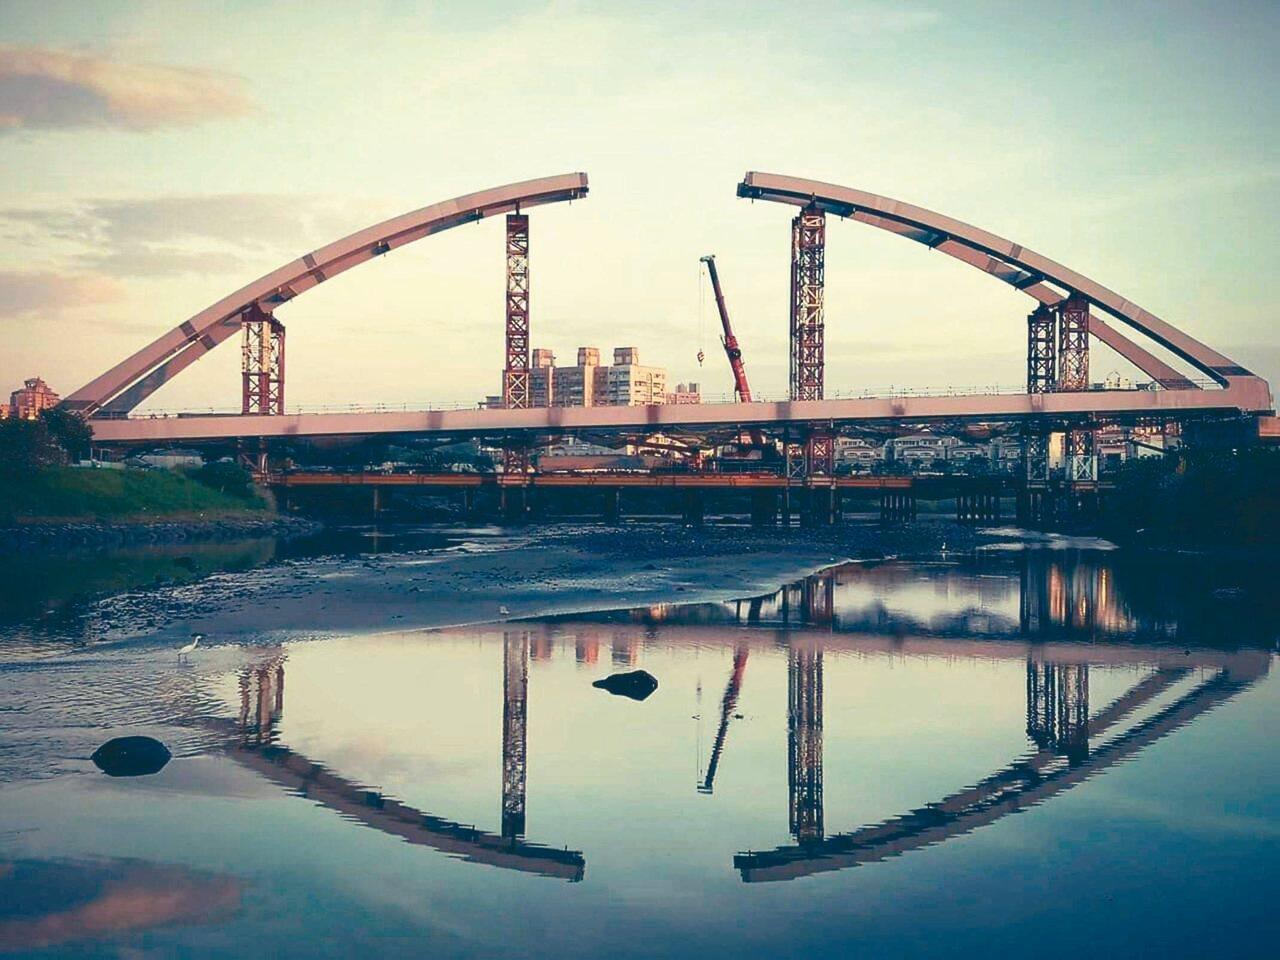 鋼拱橋好美!淡海輕軌藍海線 首期年底完工